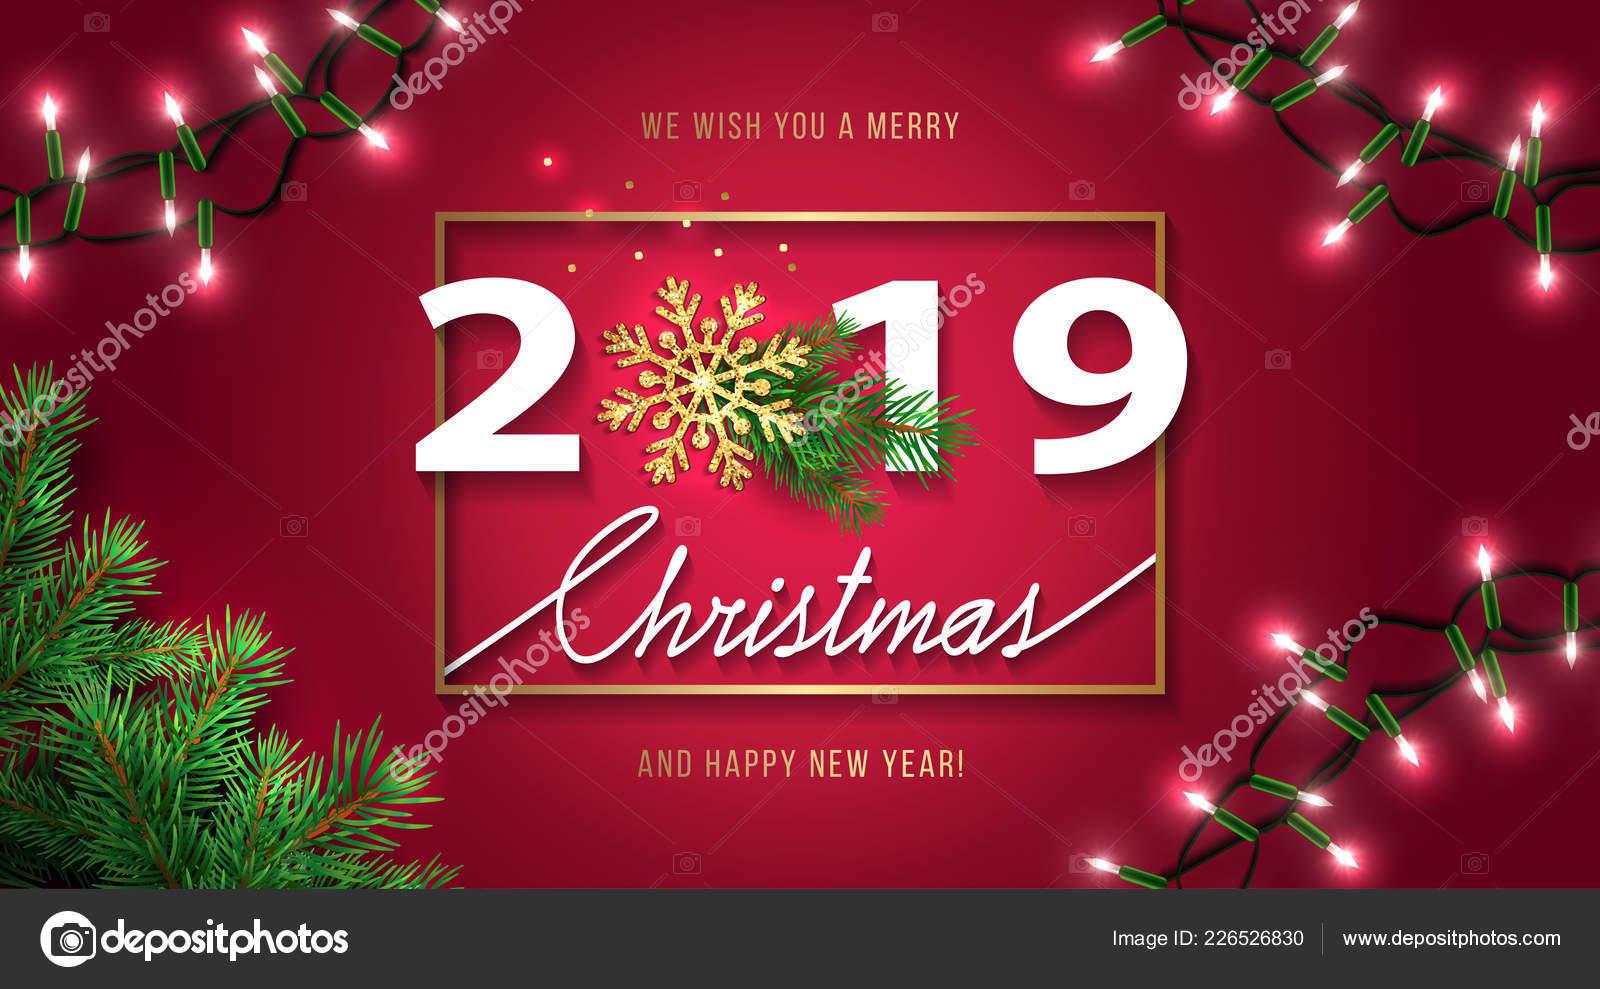 Foto Con Auguri Di Buon Natale.Cartolina Auguri Buon Natale Felice Nuovo Anno 2019 Sfondo